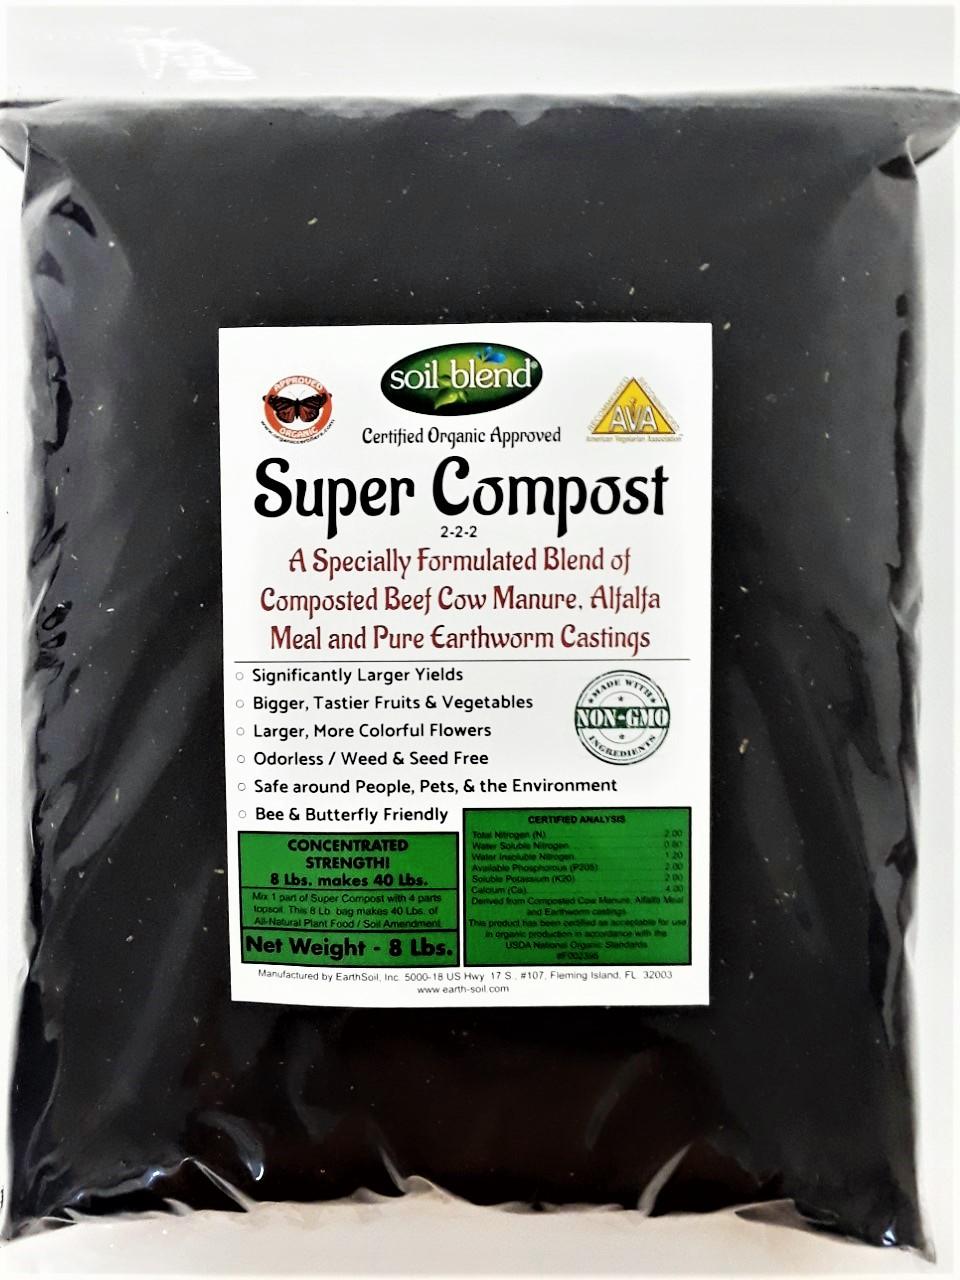 Super Compost 8 Lb. Bag makes 40 Lbs. Organic Fertilizer, Planting Mix, Plant Food, Soil Amendment. A Special Blend of Worm Castings, Composted Beef Cow Manure & Alfalfa 2-2-2 NPK + Calcium, Iron.